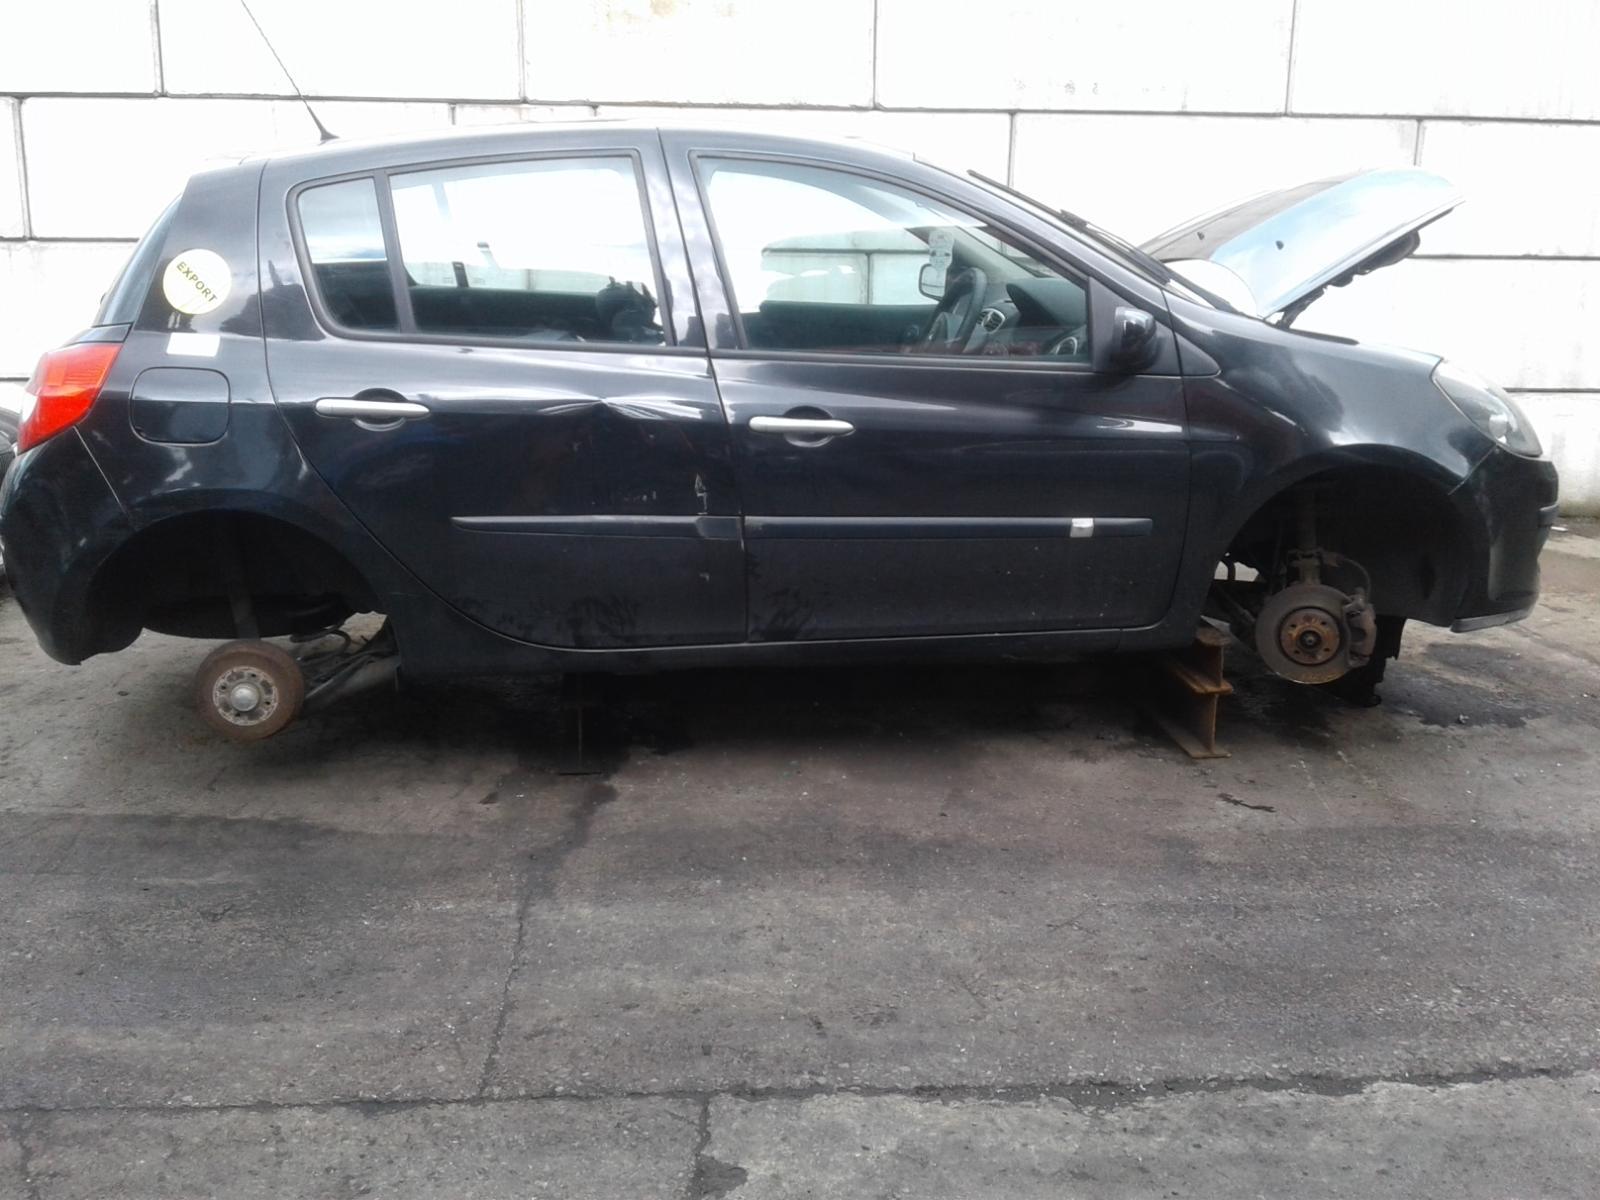 Image for a RENAULT CLIO 2008 5 Door Hatchback